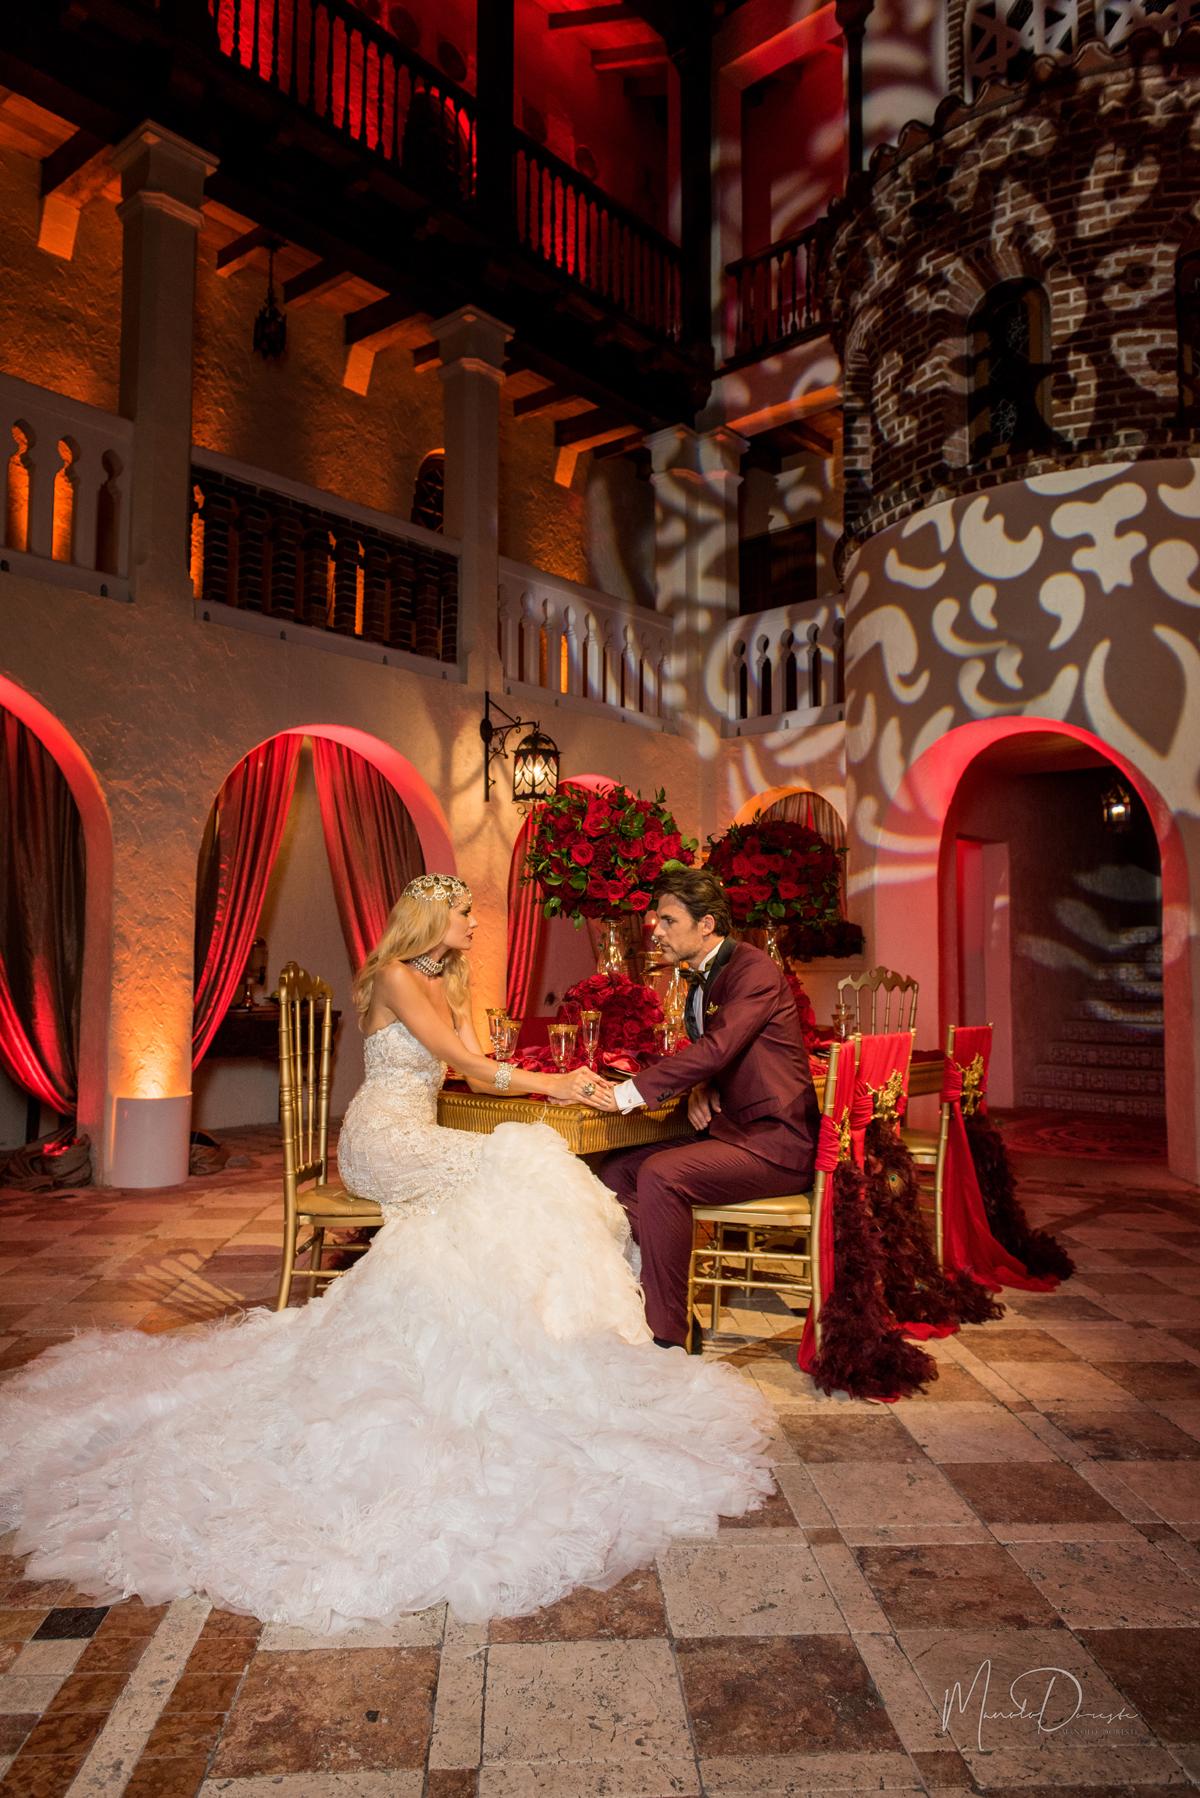 versace-mansion-wedding-manolo-doreste-29.jpg